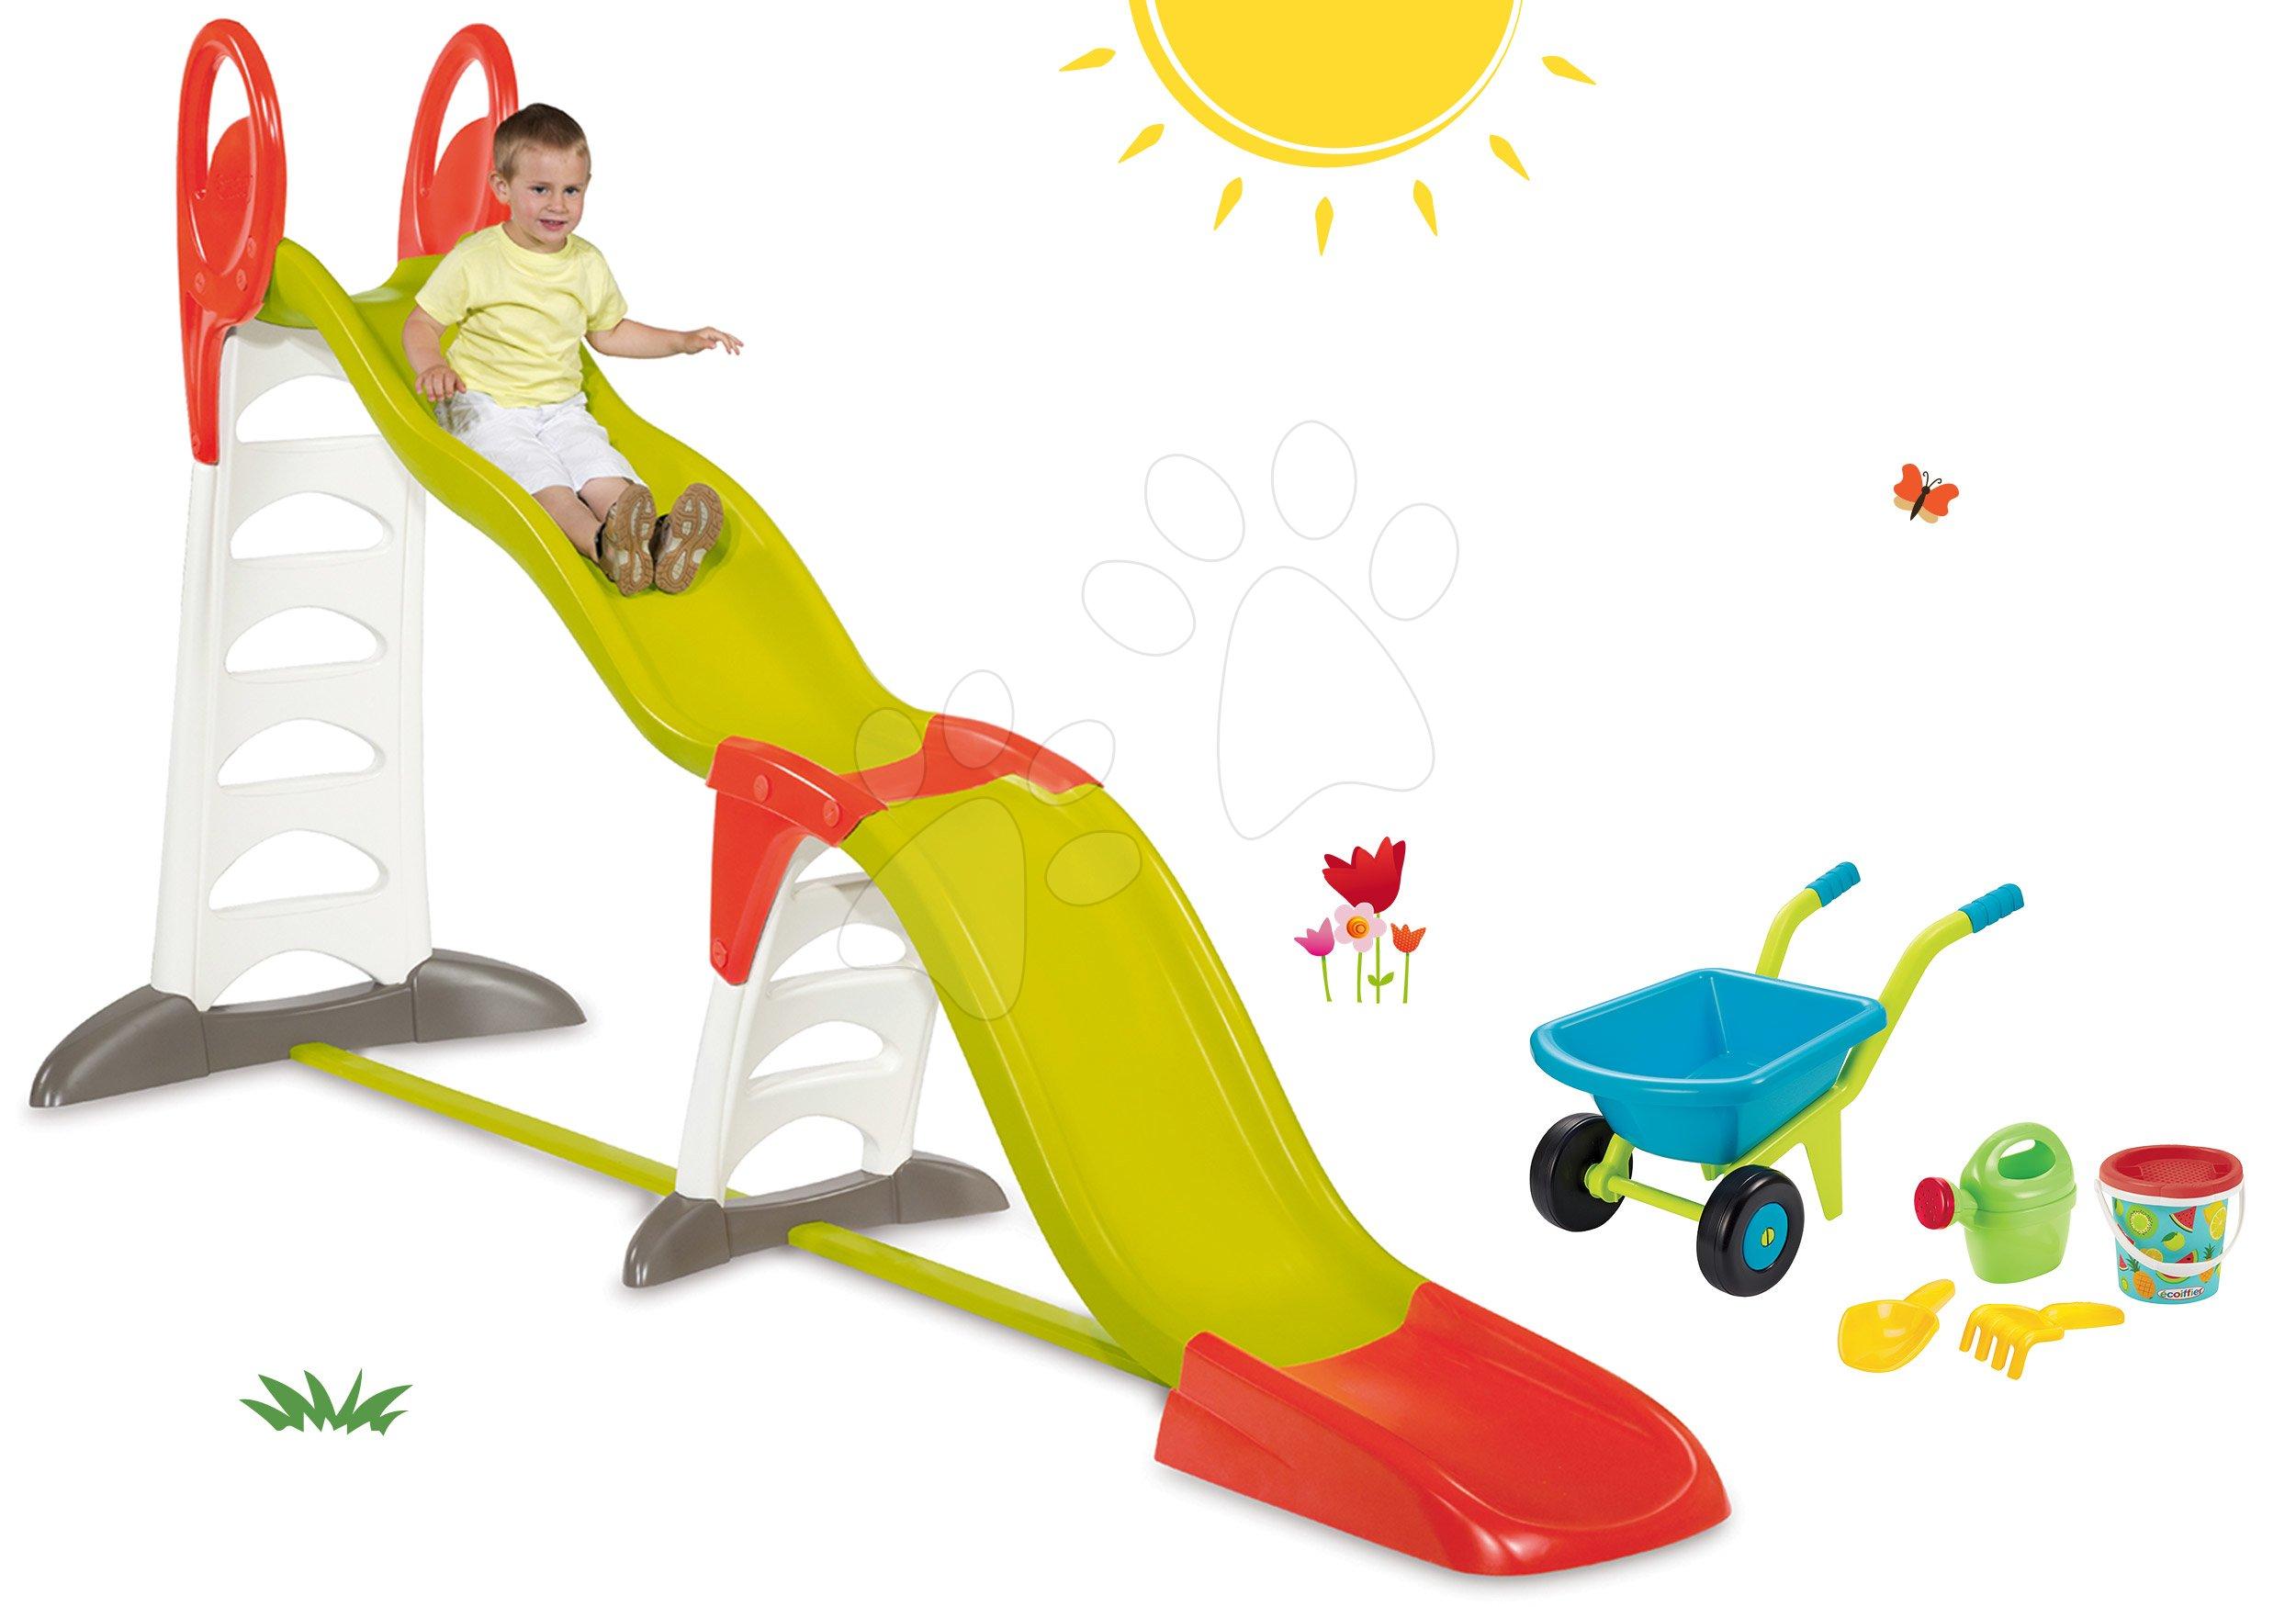 Smoby set detská šmykľavka Toboggan Super Megagliss 2v1 a fúrik set s vedierkom ako darček 310260-18